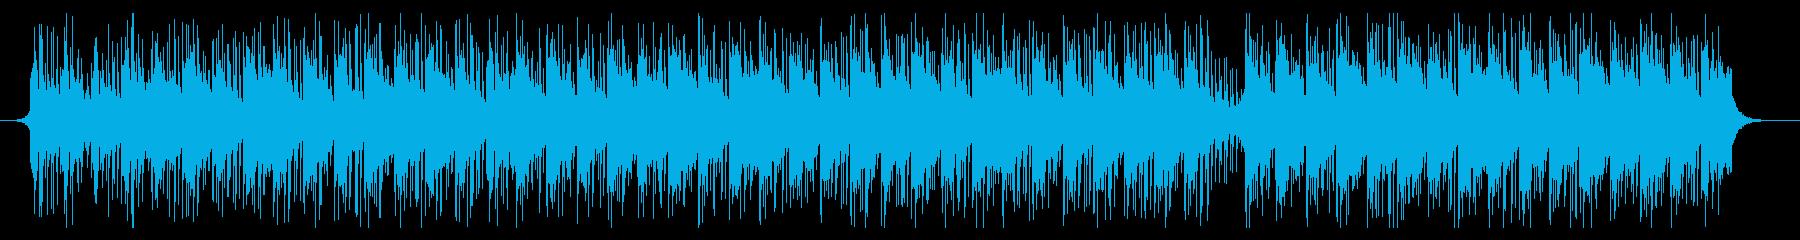 医療音楽の再生済みの波形